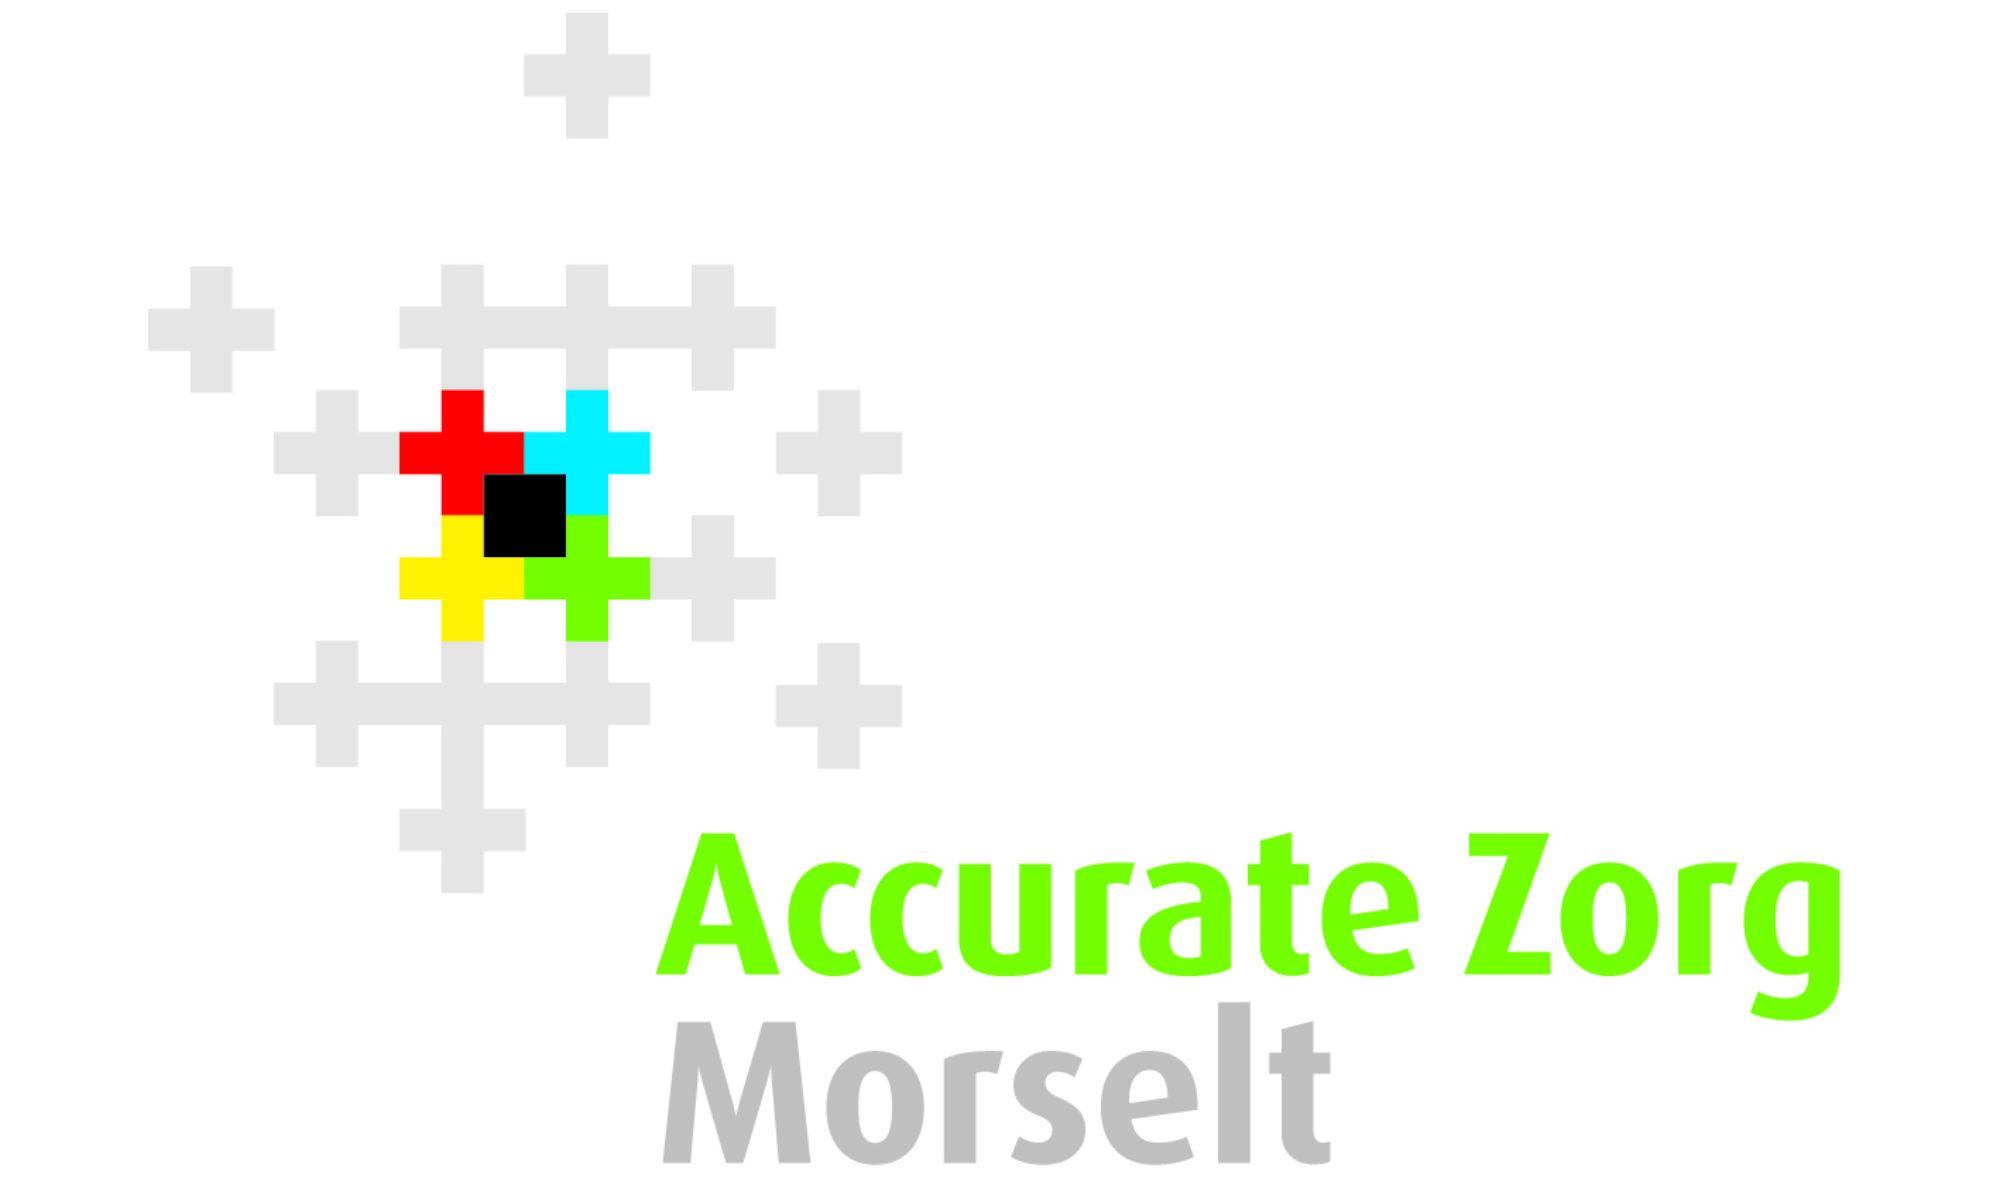 Accurate Zorg Morselt